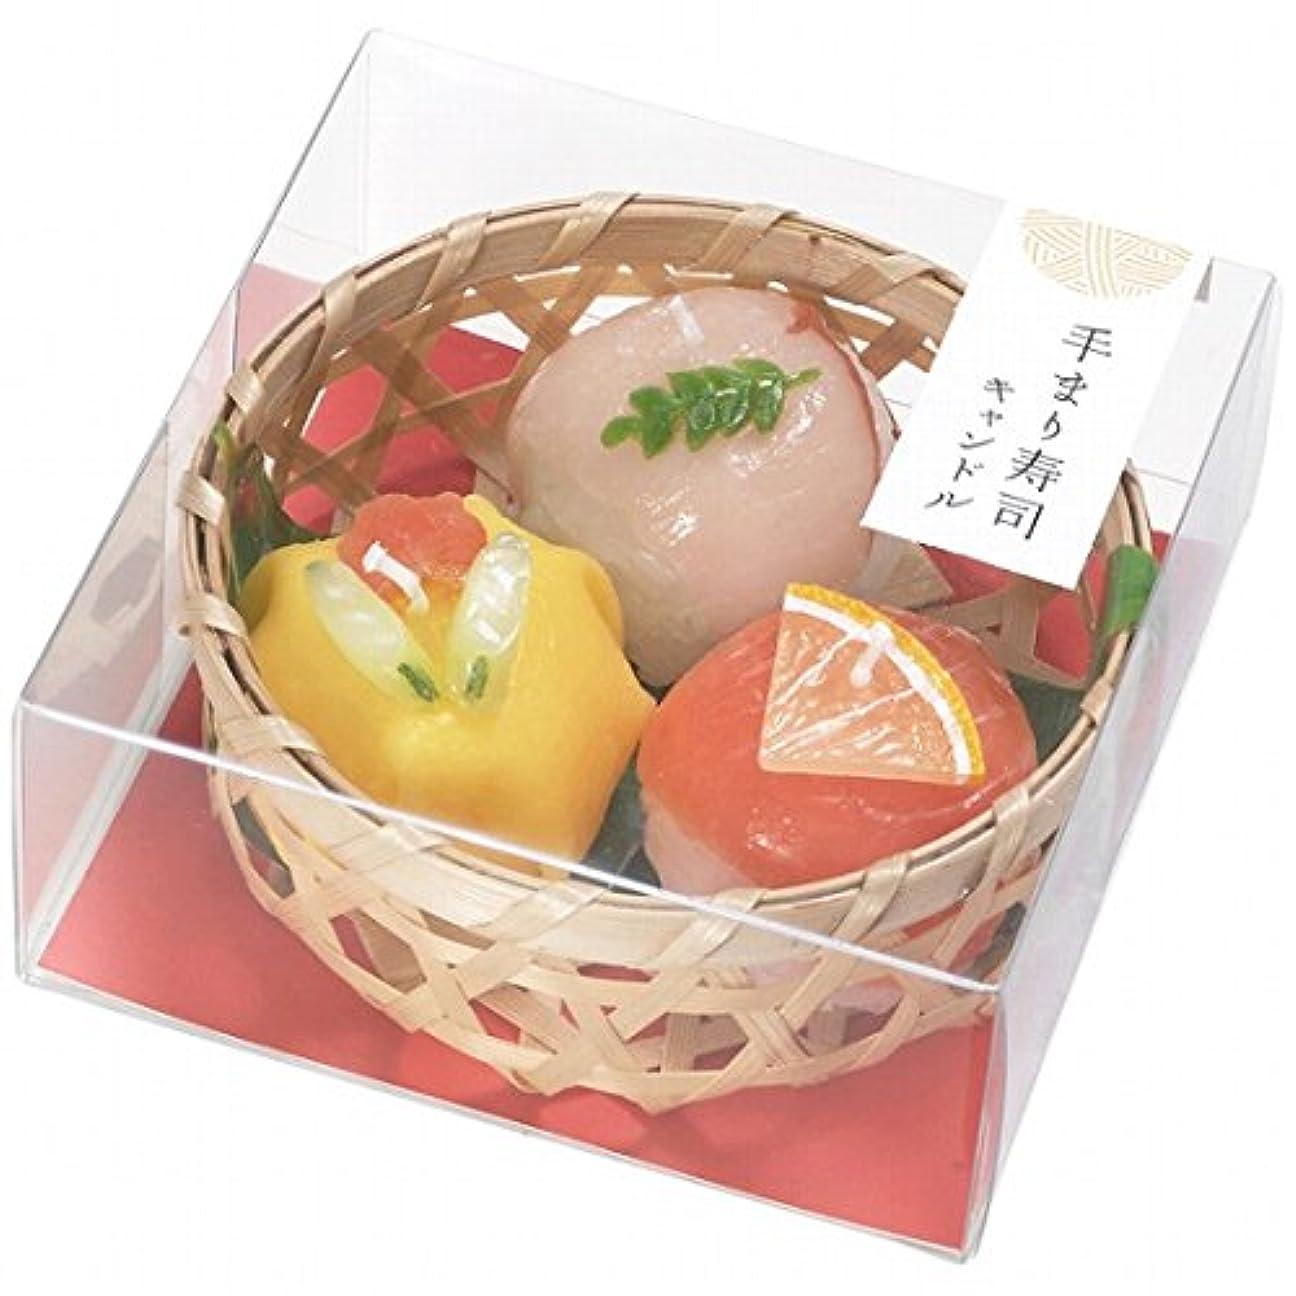 ワードローブ動的八百屋さんカメヤマキャンドル(kameyama candle) 手まり寿司キャンドル